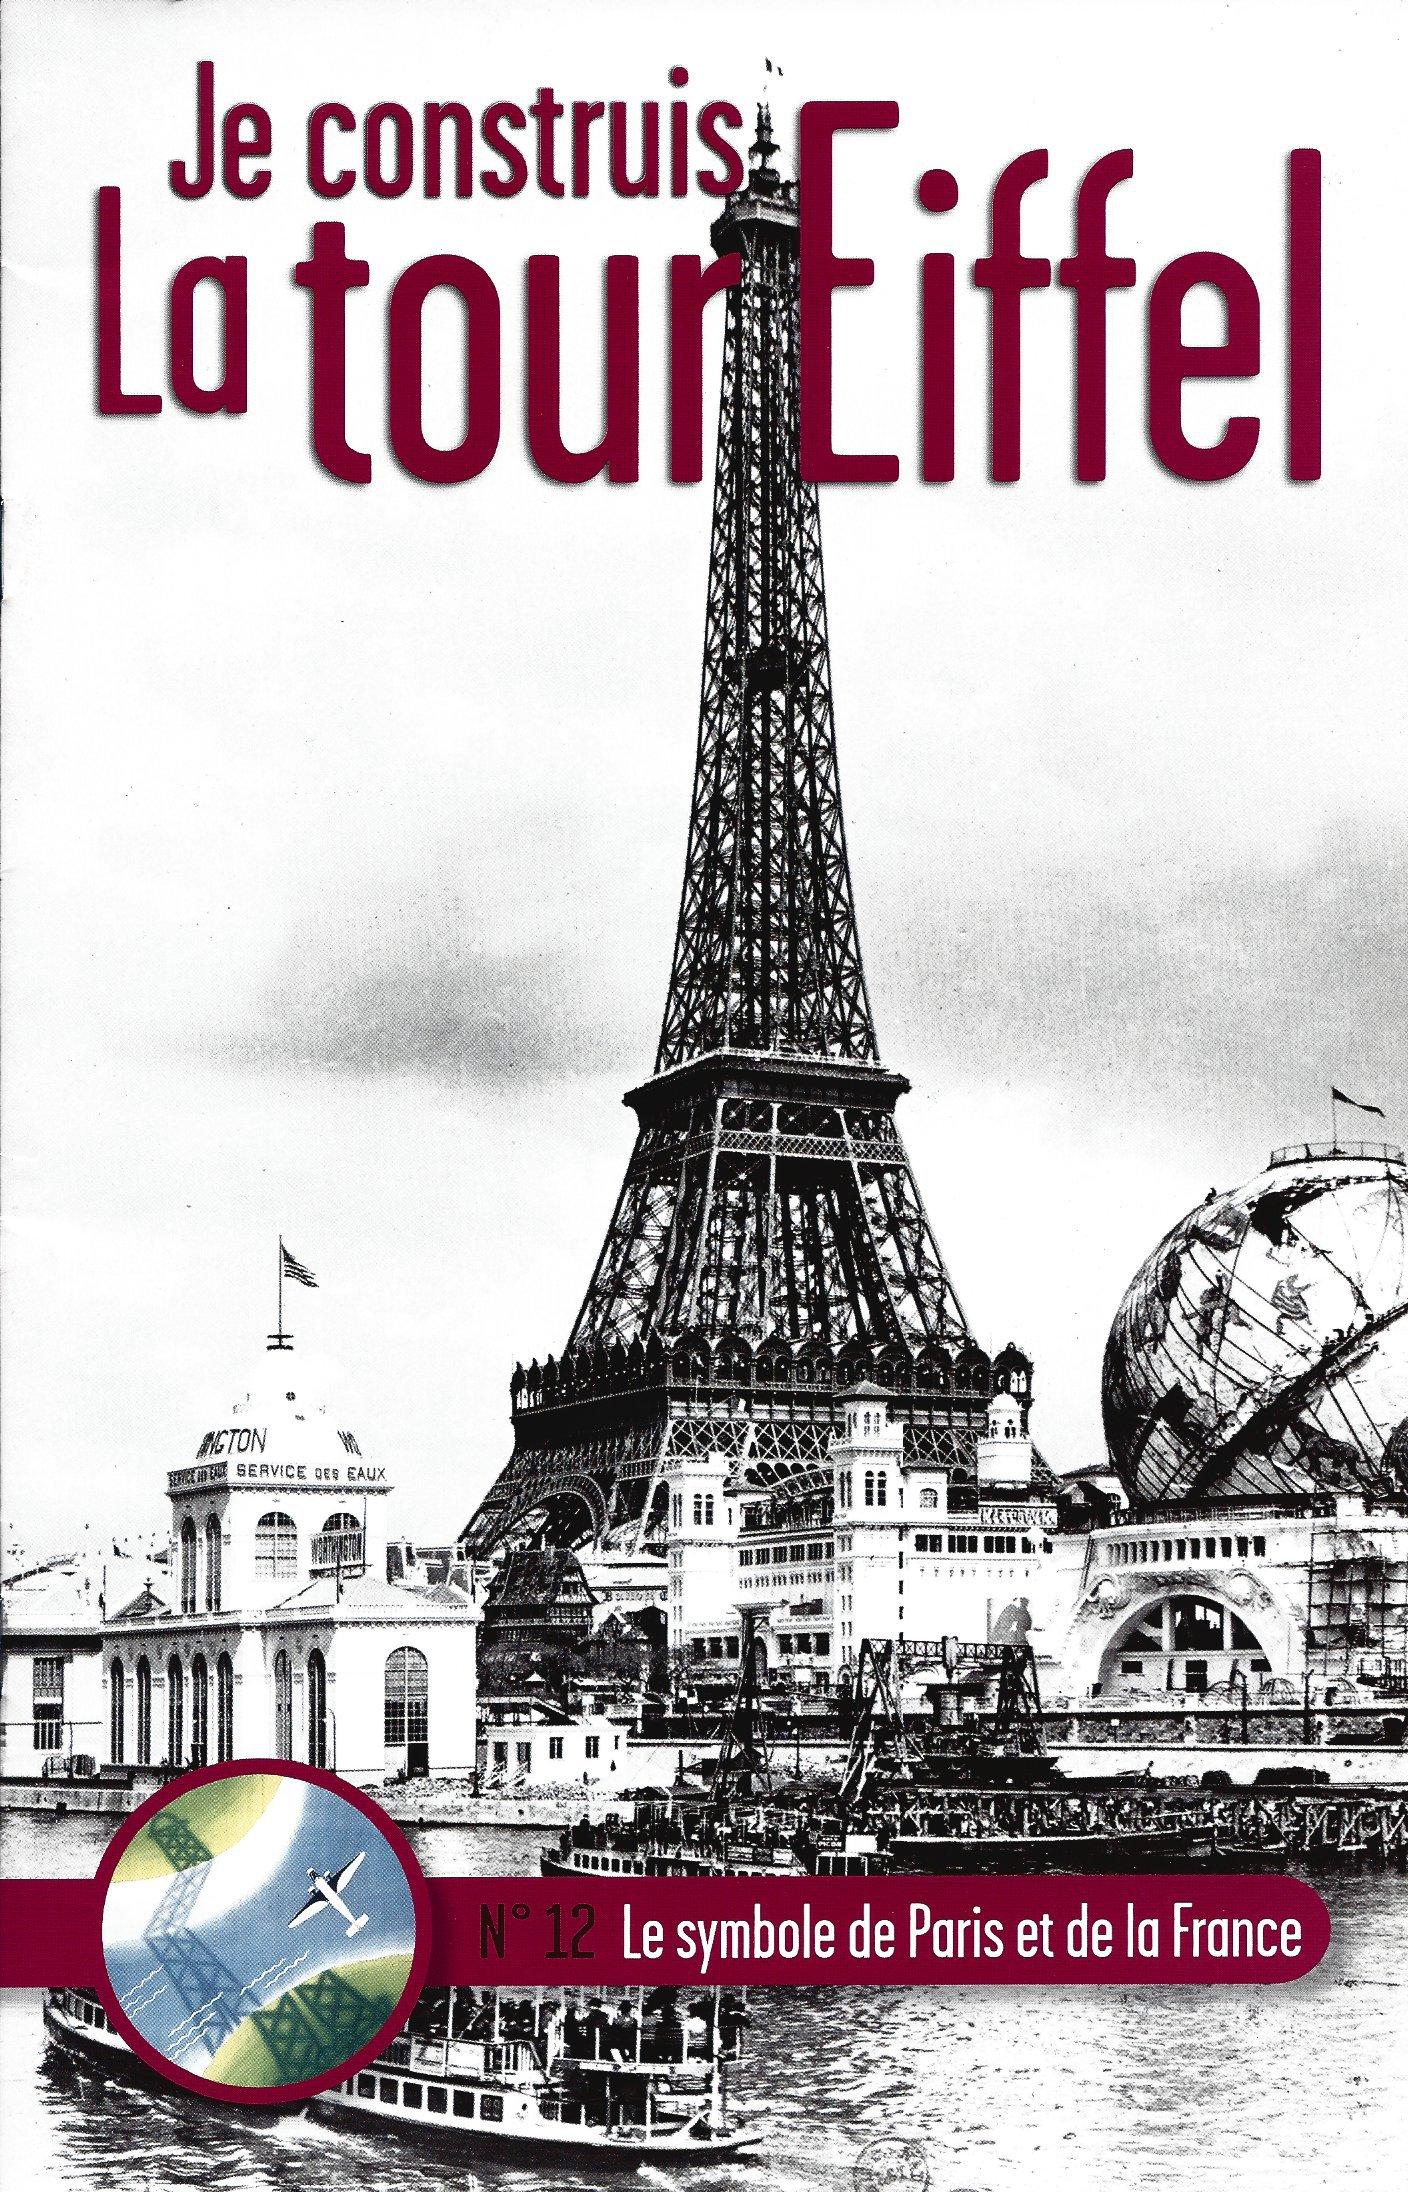 Numéro 12 - Je construis la Tour Eiffel - Le symbole de Paris et de la France 82469512a